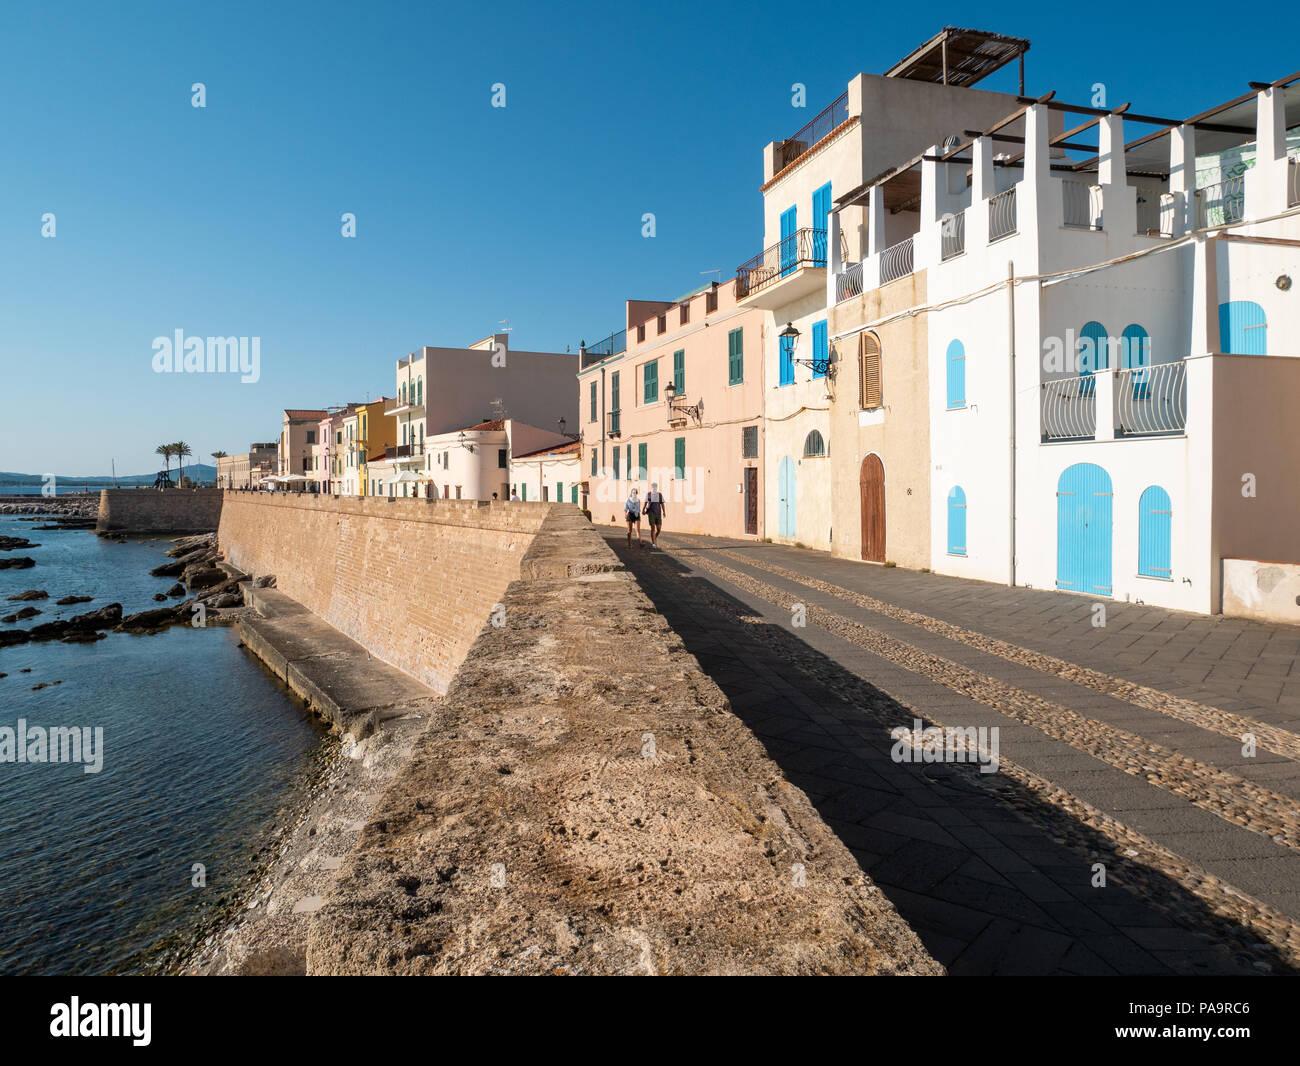 Waterfront promenade, Alghero, Sardinia, Italy - Stock Image